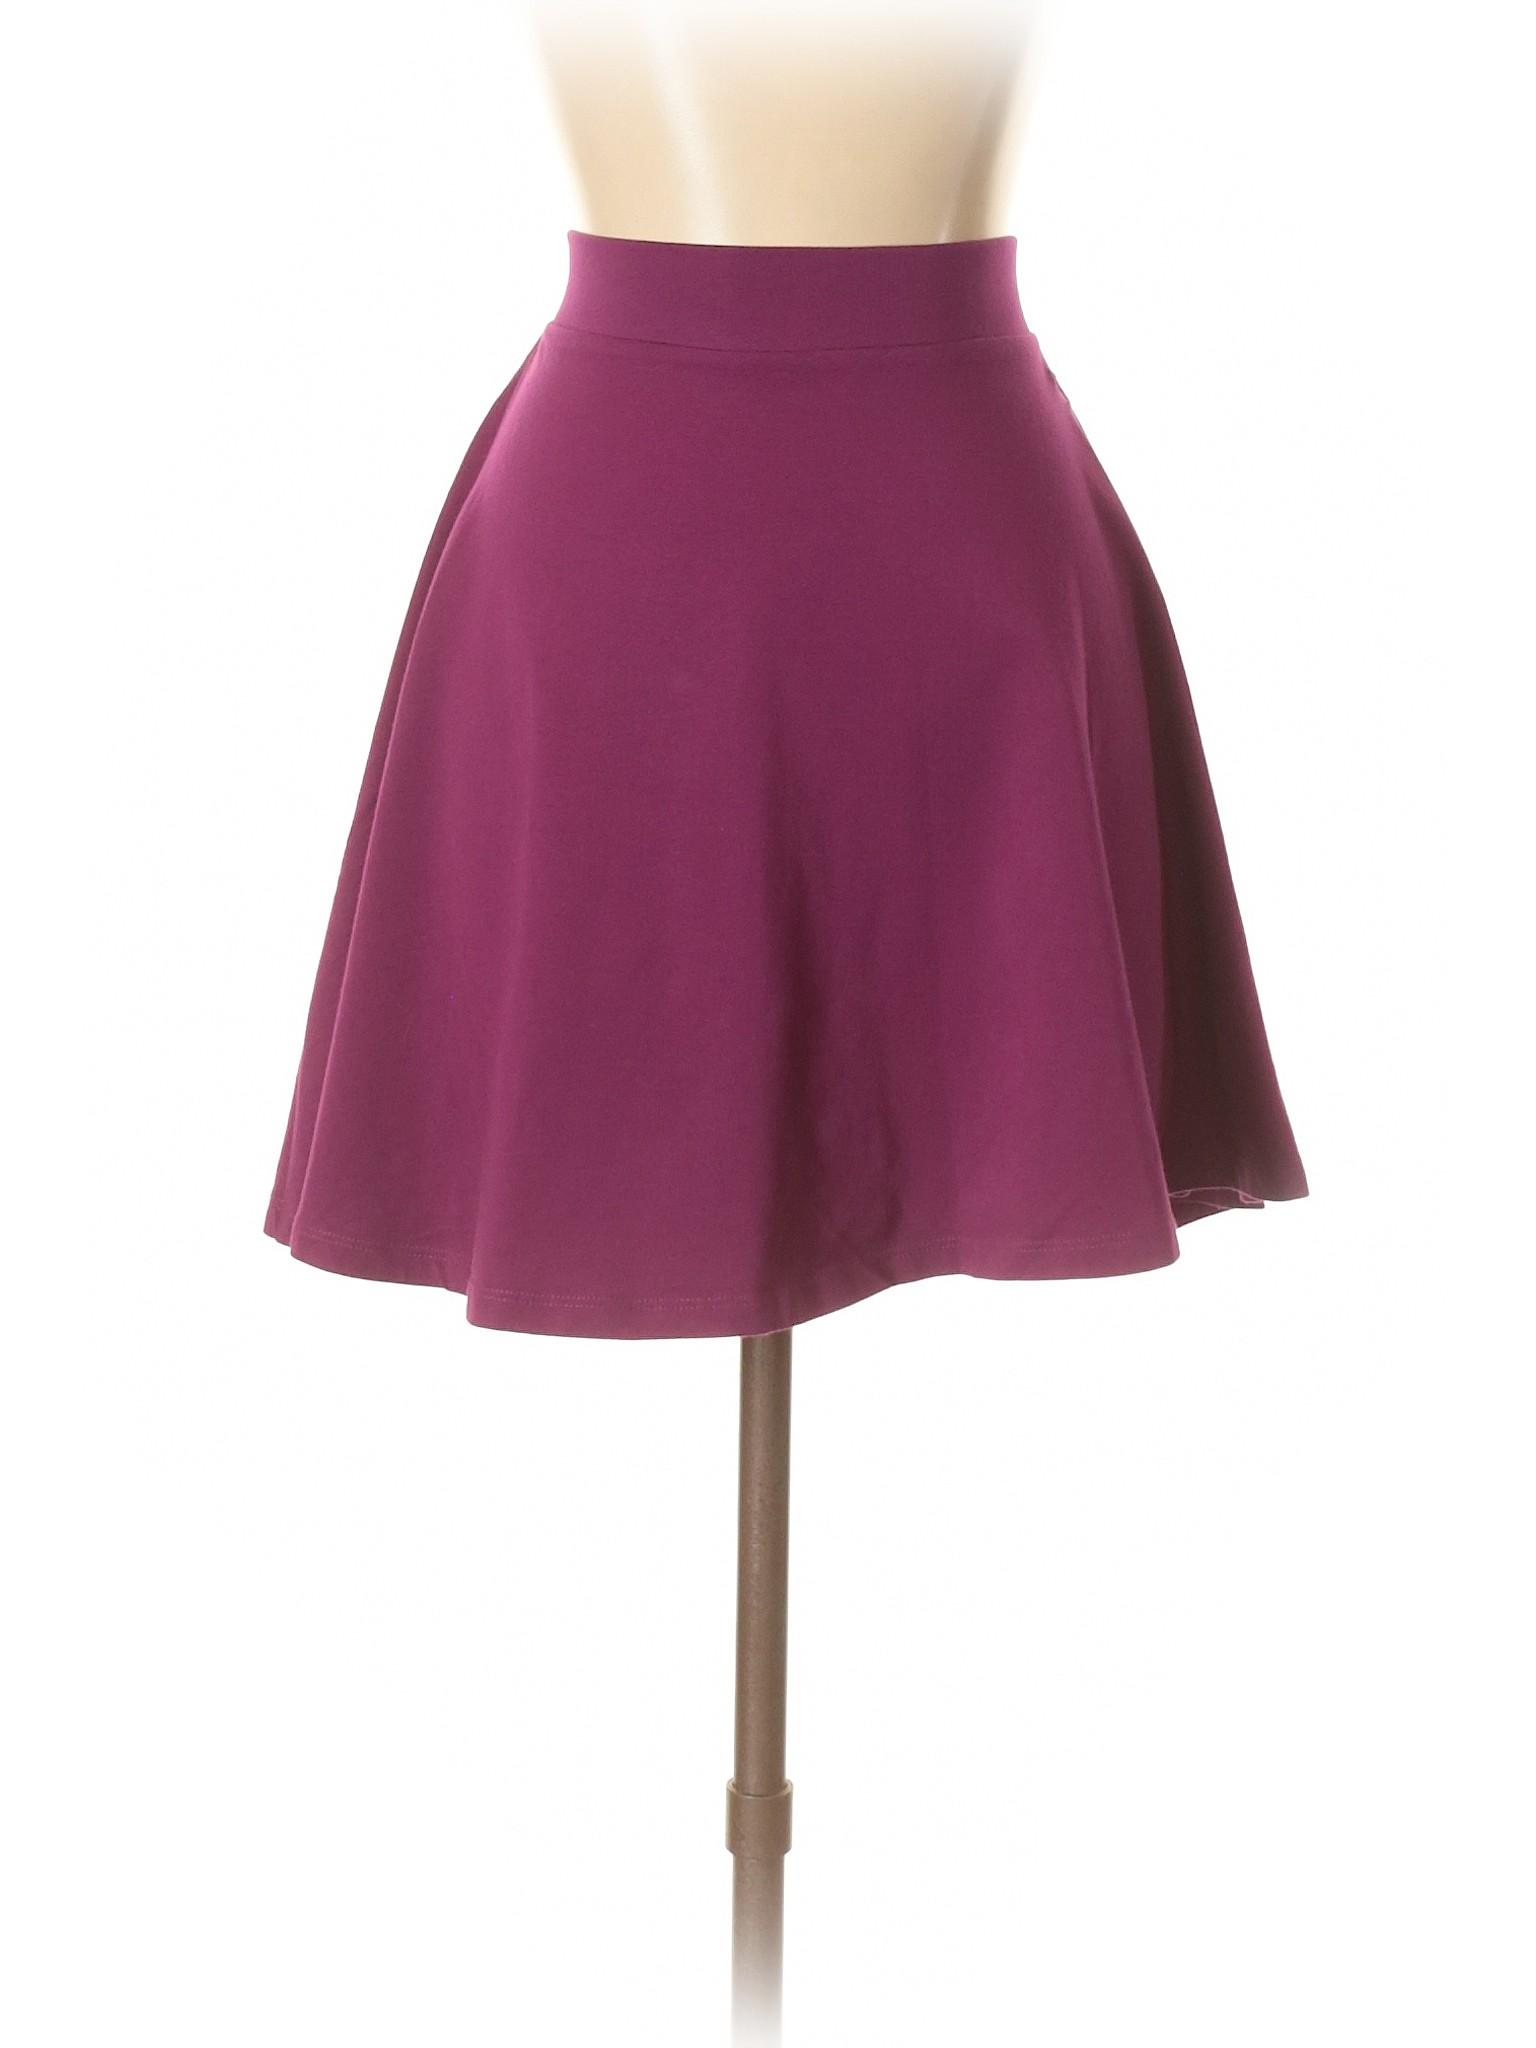 Casual Boutique Boutique Casual Skirt qE1zP8Cwx